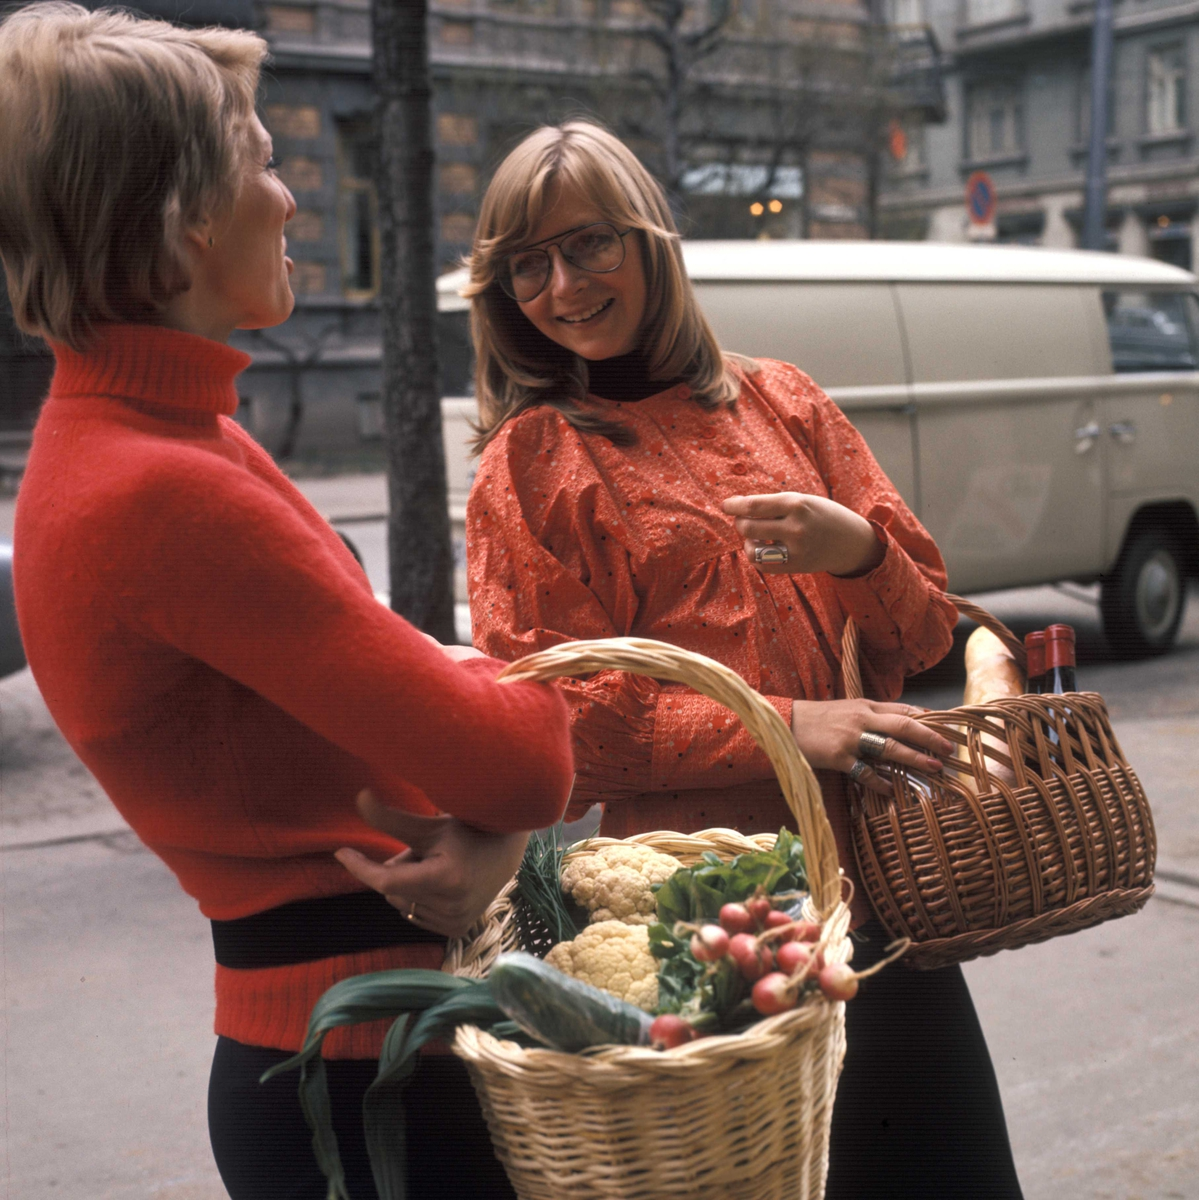 To kvinner med handlekurver i tre. Nye Bonytt 1973-7. Ikke publisert.